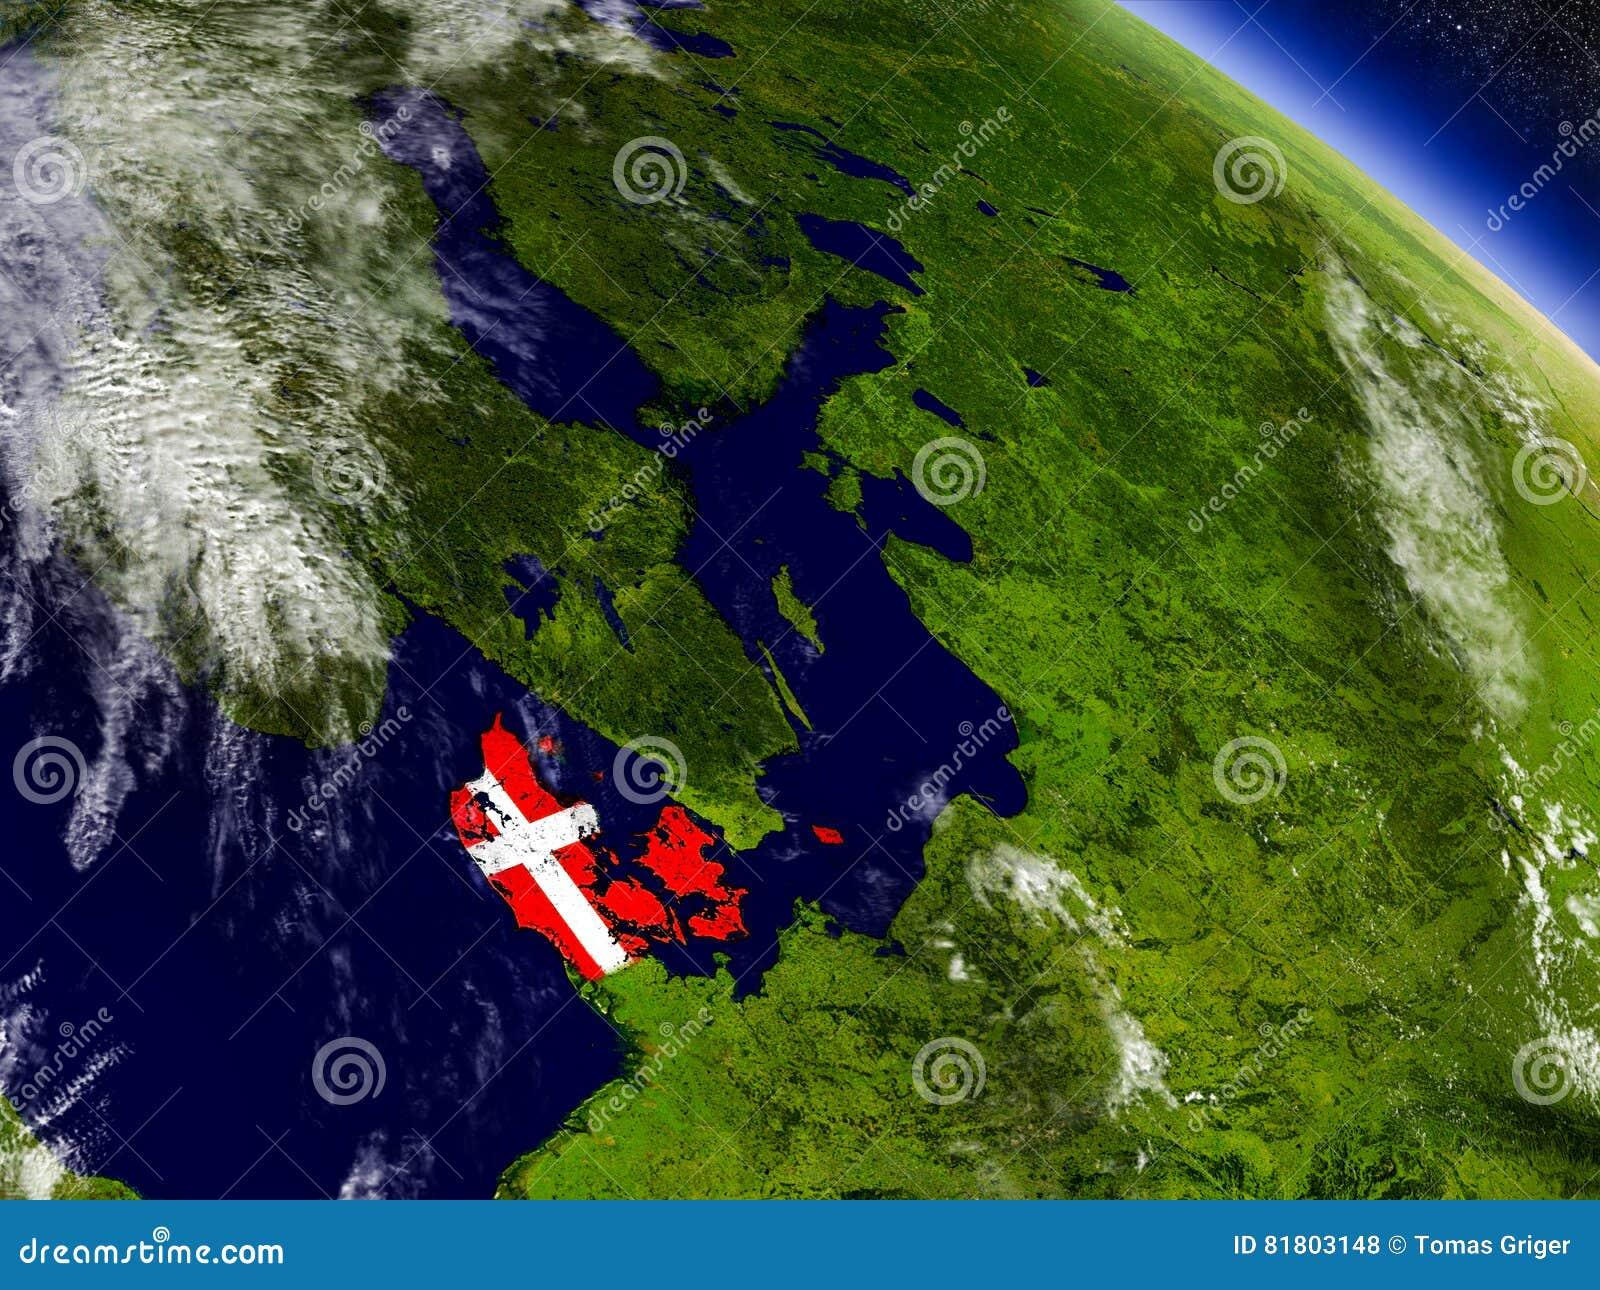 Дания с врезанным флагом на земле